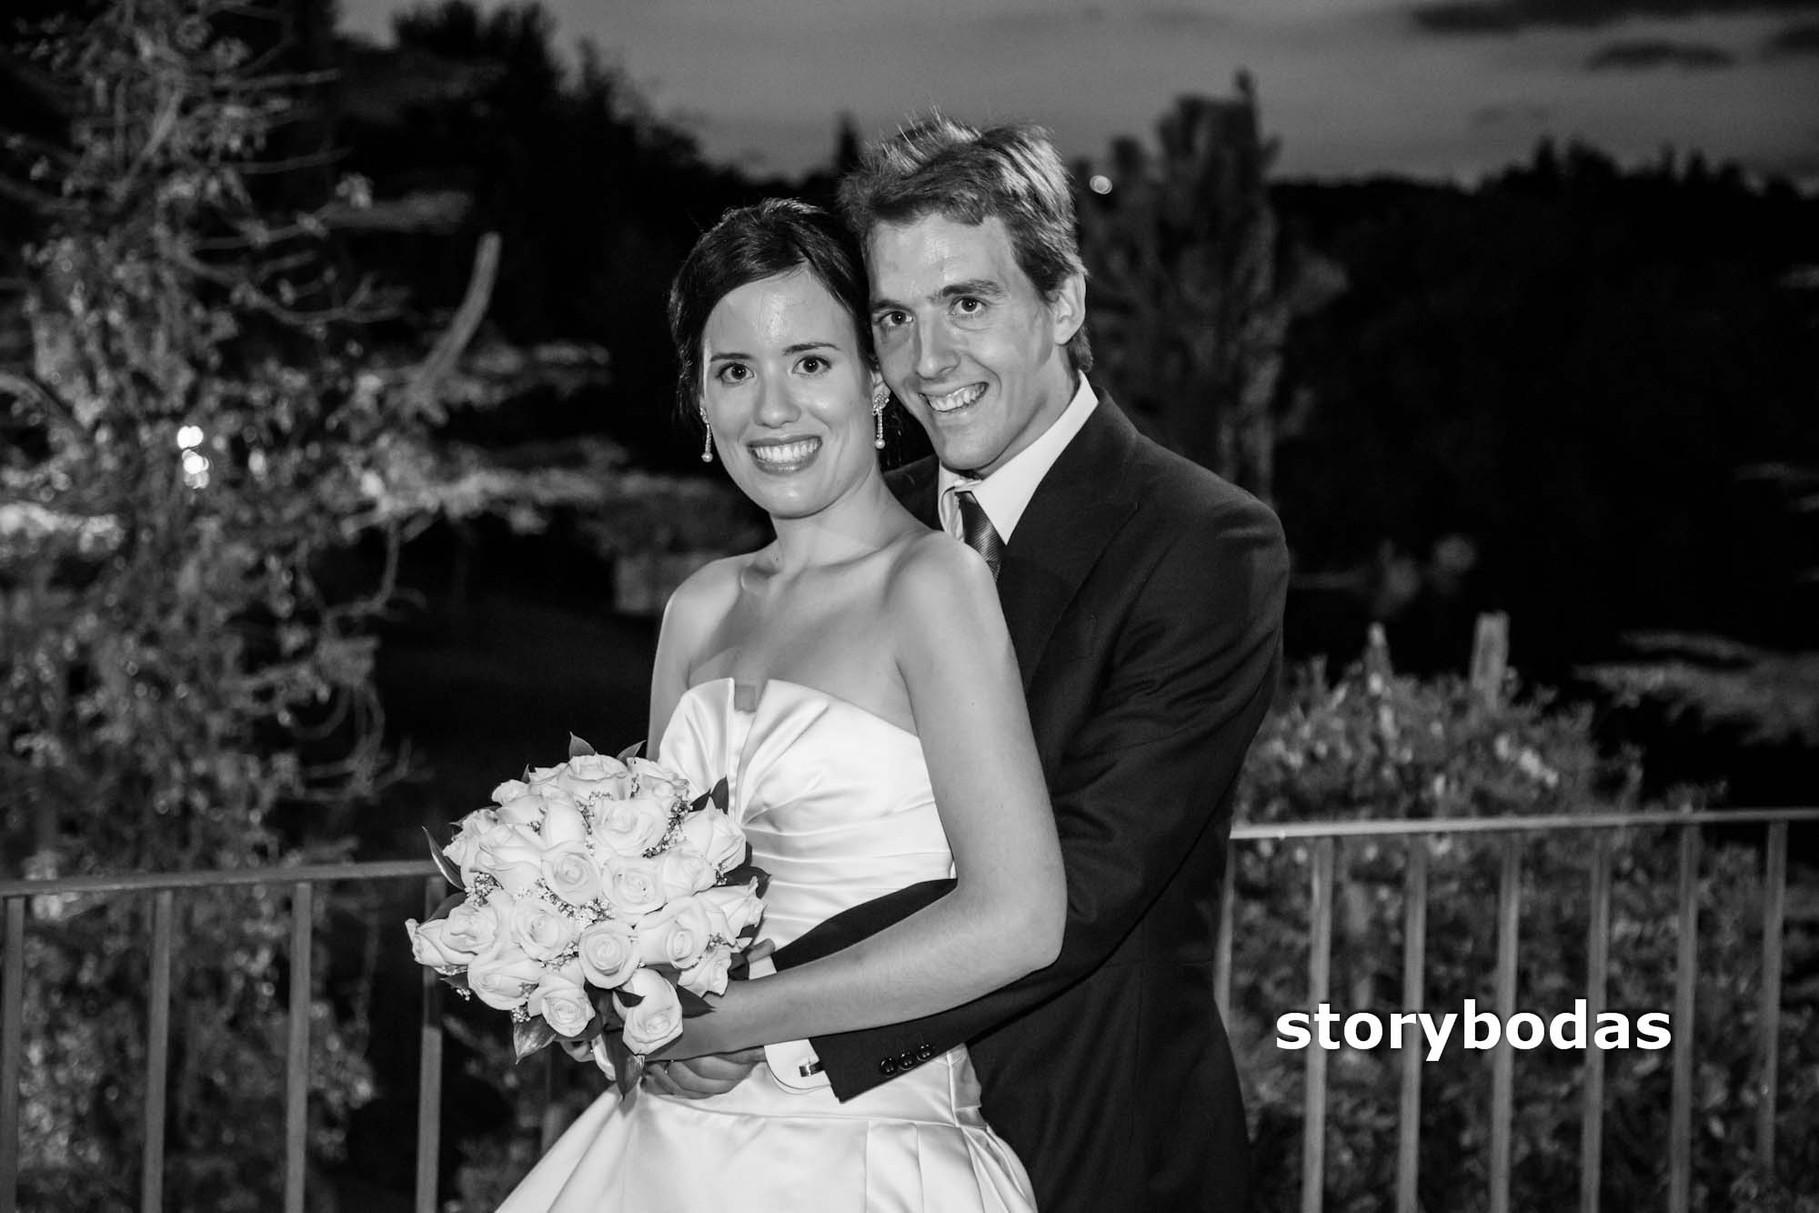 storybodas Fotos de pose novios boda 4